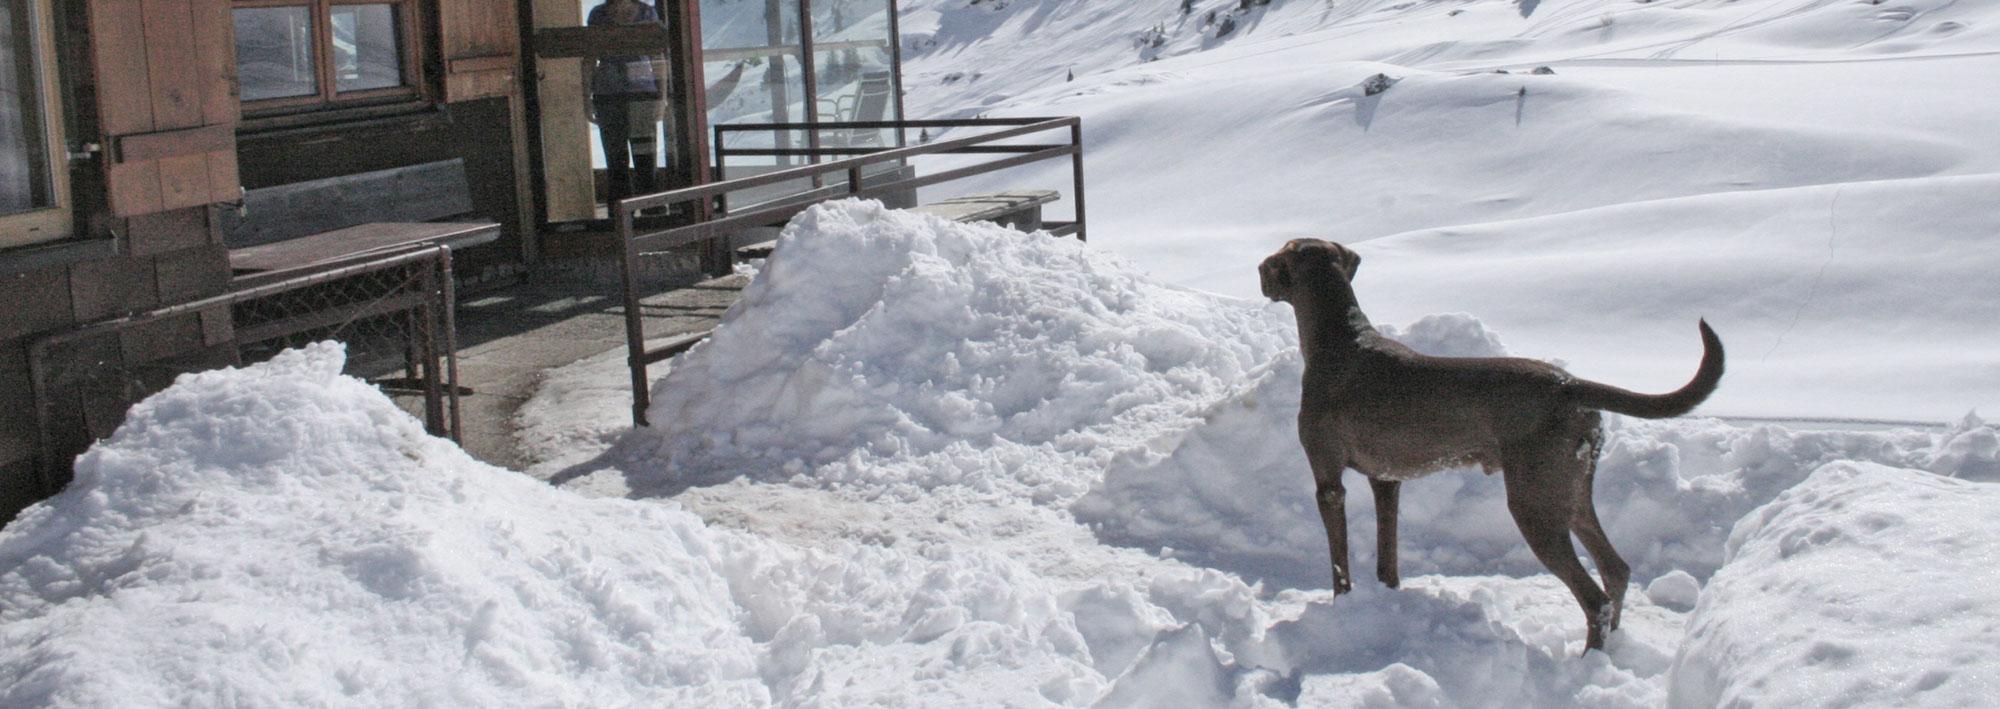 Hütte mieten am Arlberg | Pfefferkornhütte | Urlaub mit Hund - Ridgeback